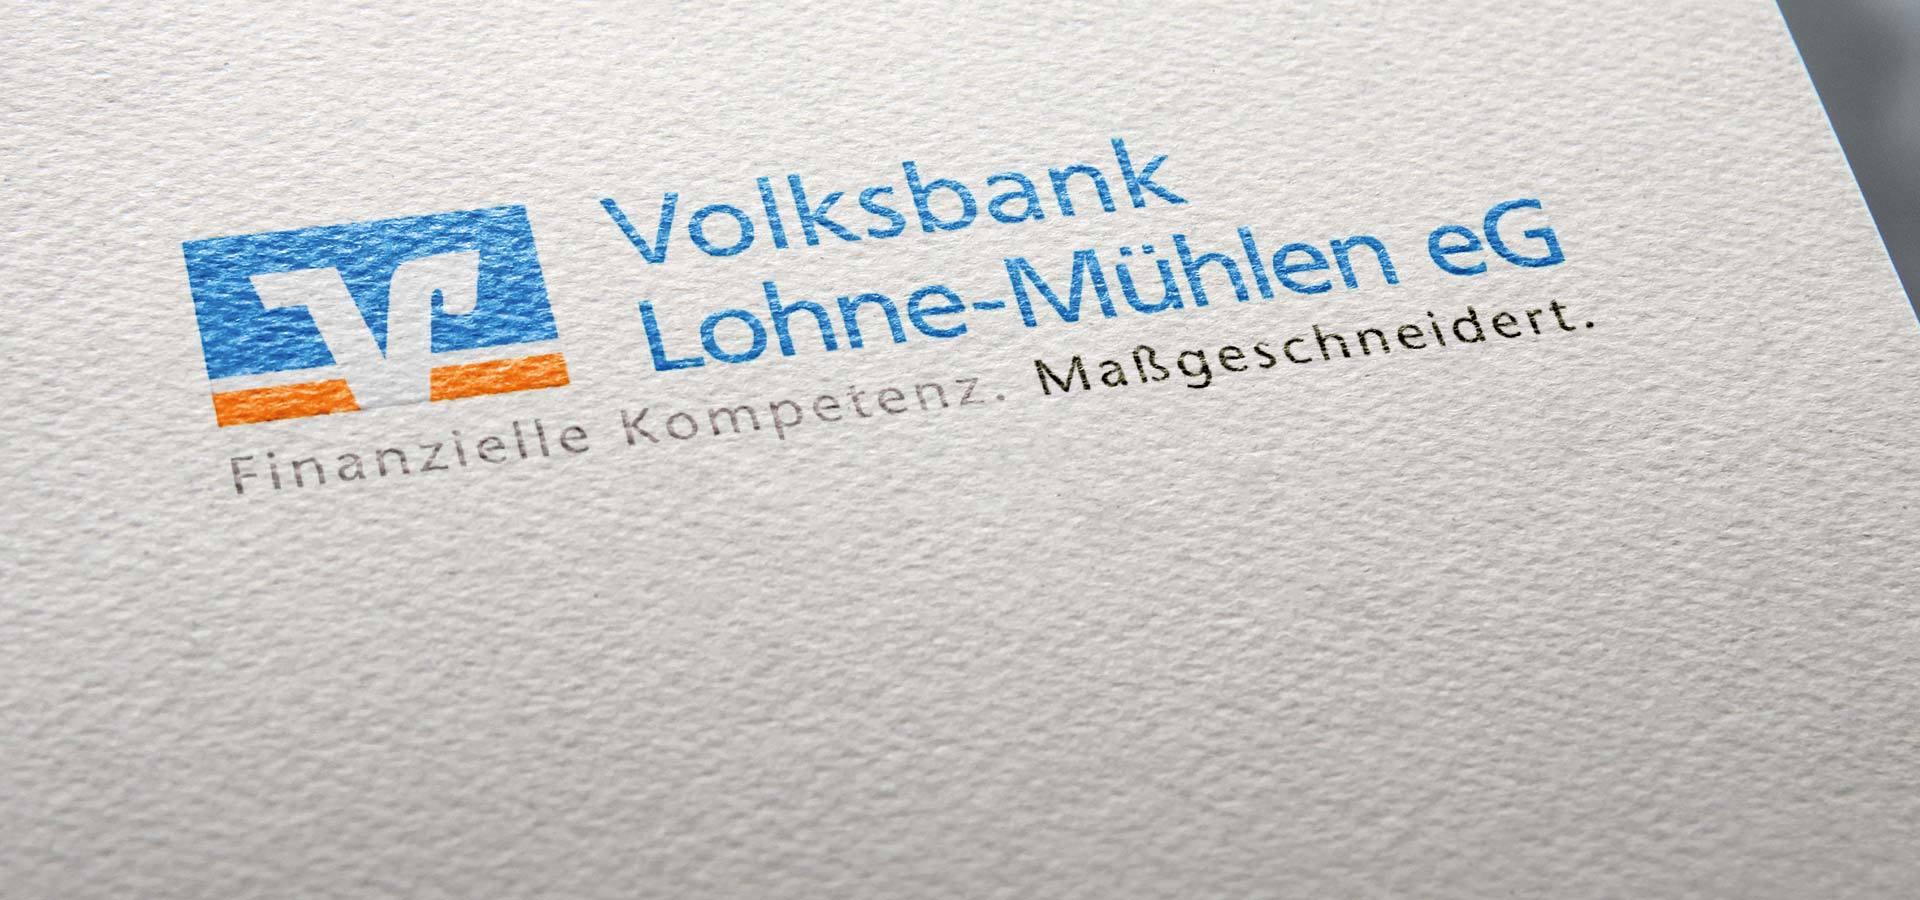 Volksbank Lohne Mühlen